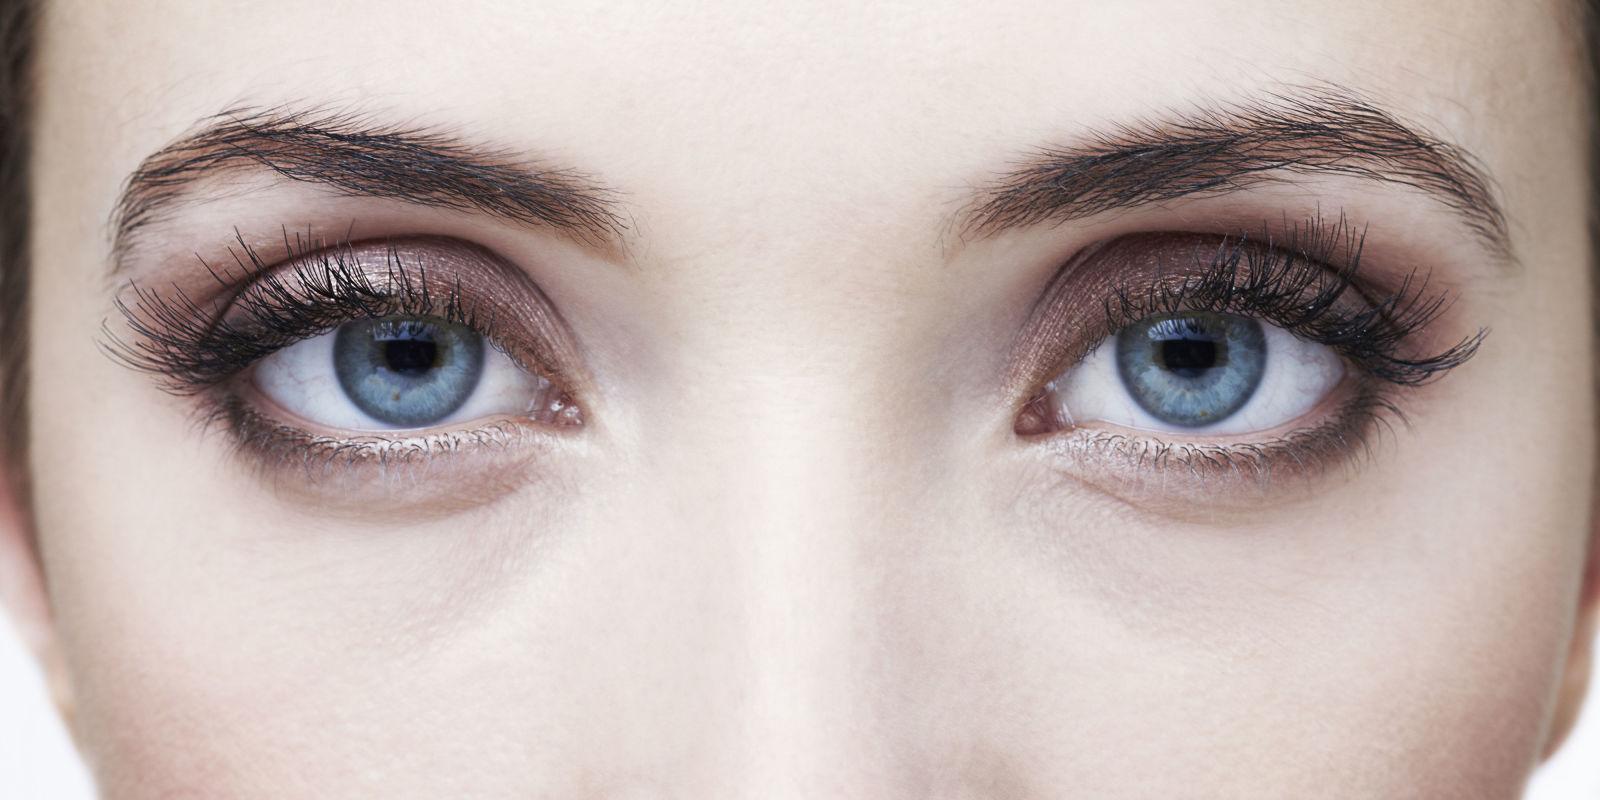 خشکی چشم ، درمان خشکی چشم